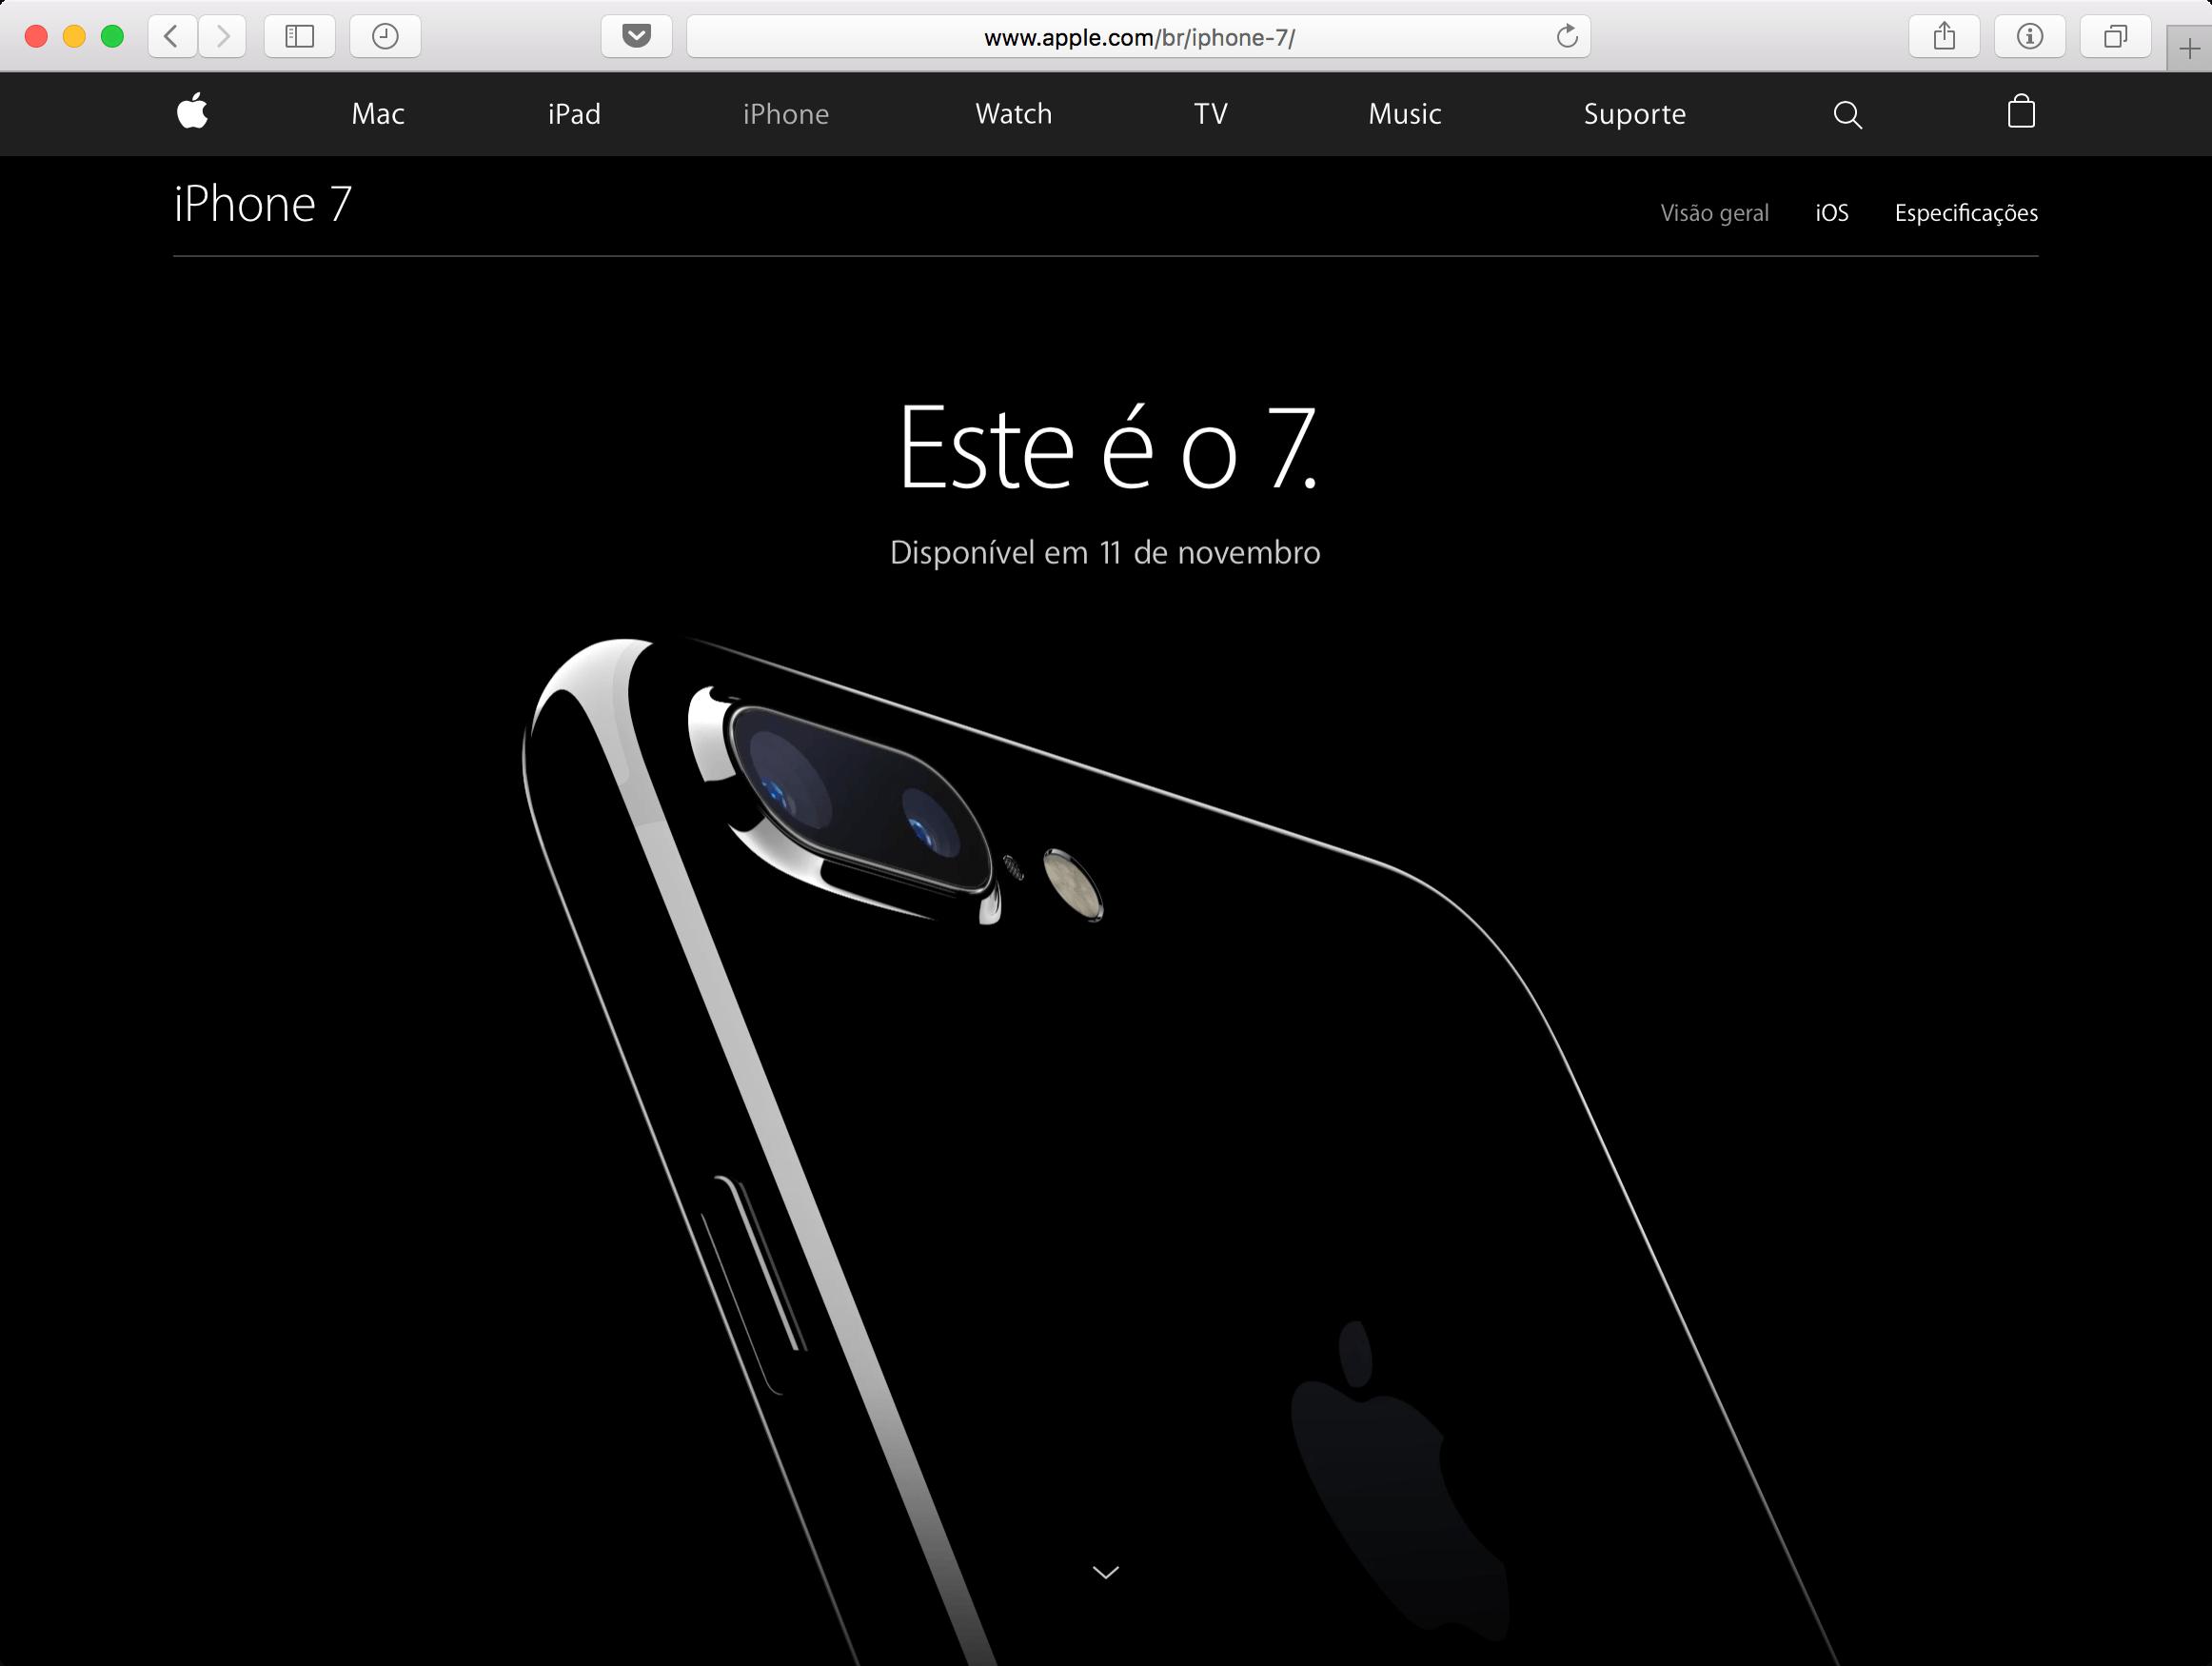 iPhone 7 no Brasil em 11 de novembro